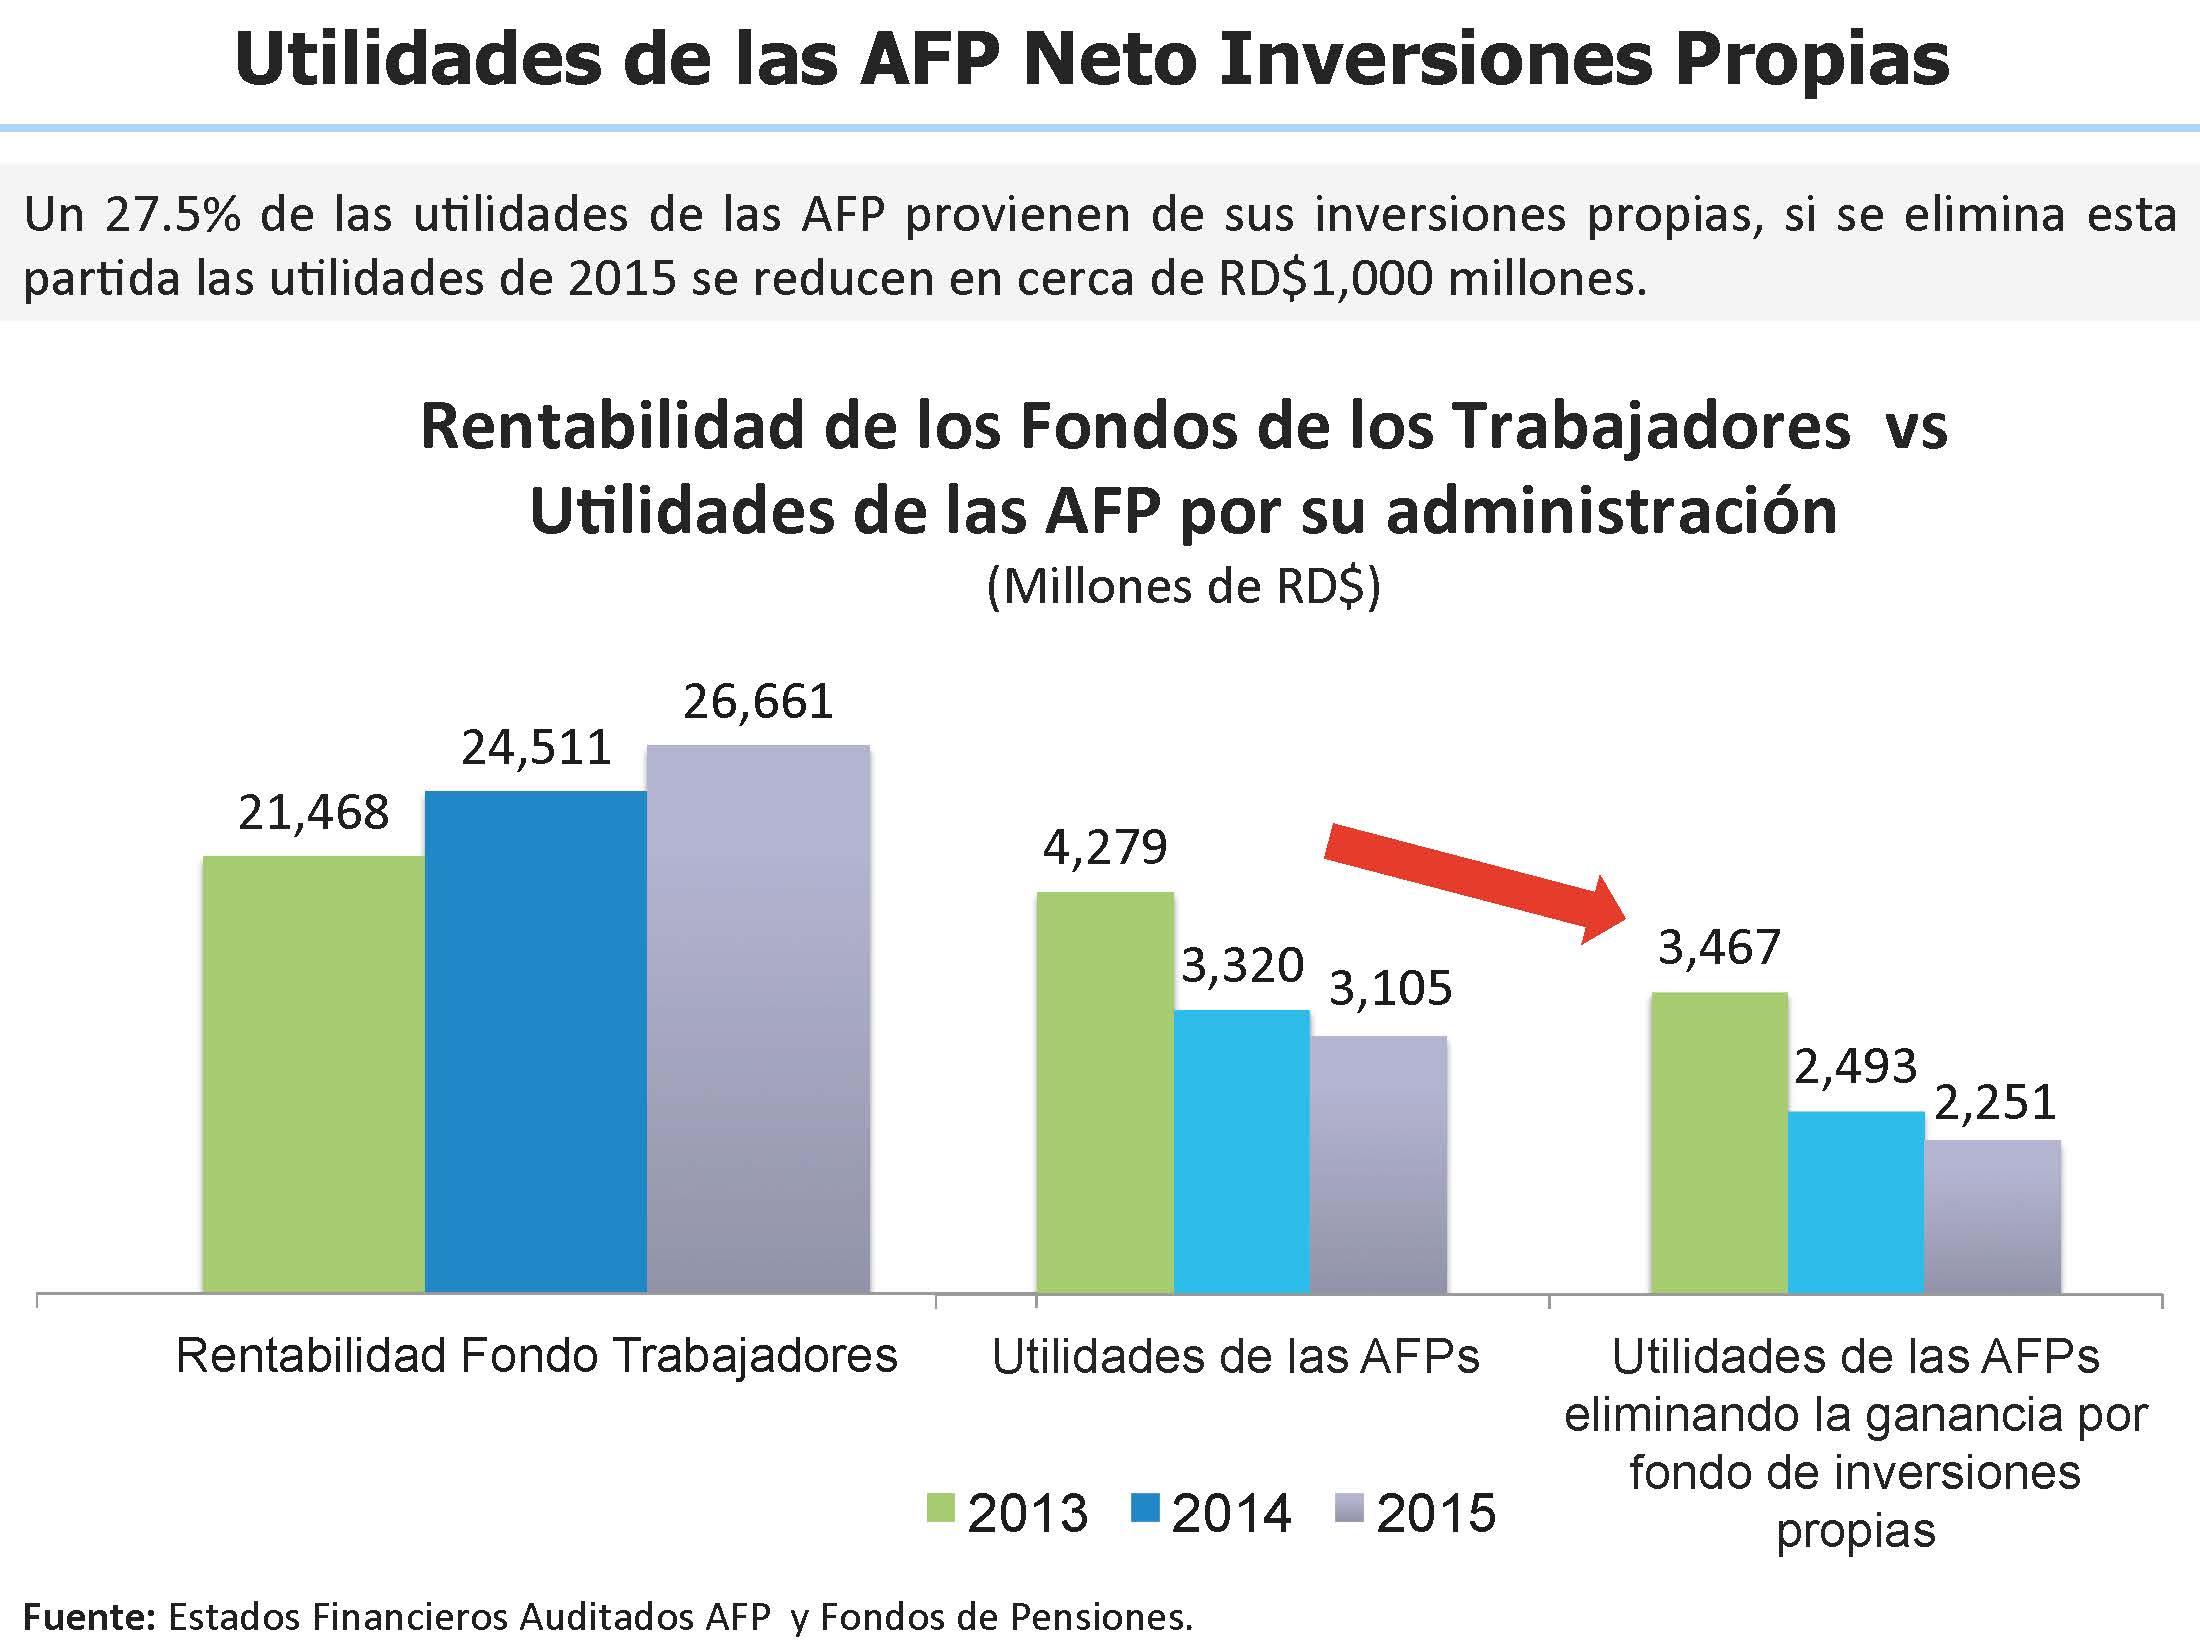 Utilidades de las AFO Neto Inversiones Propias